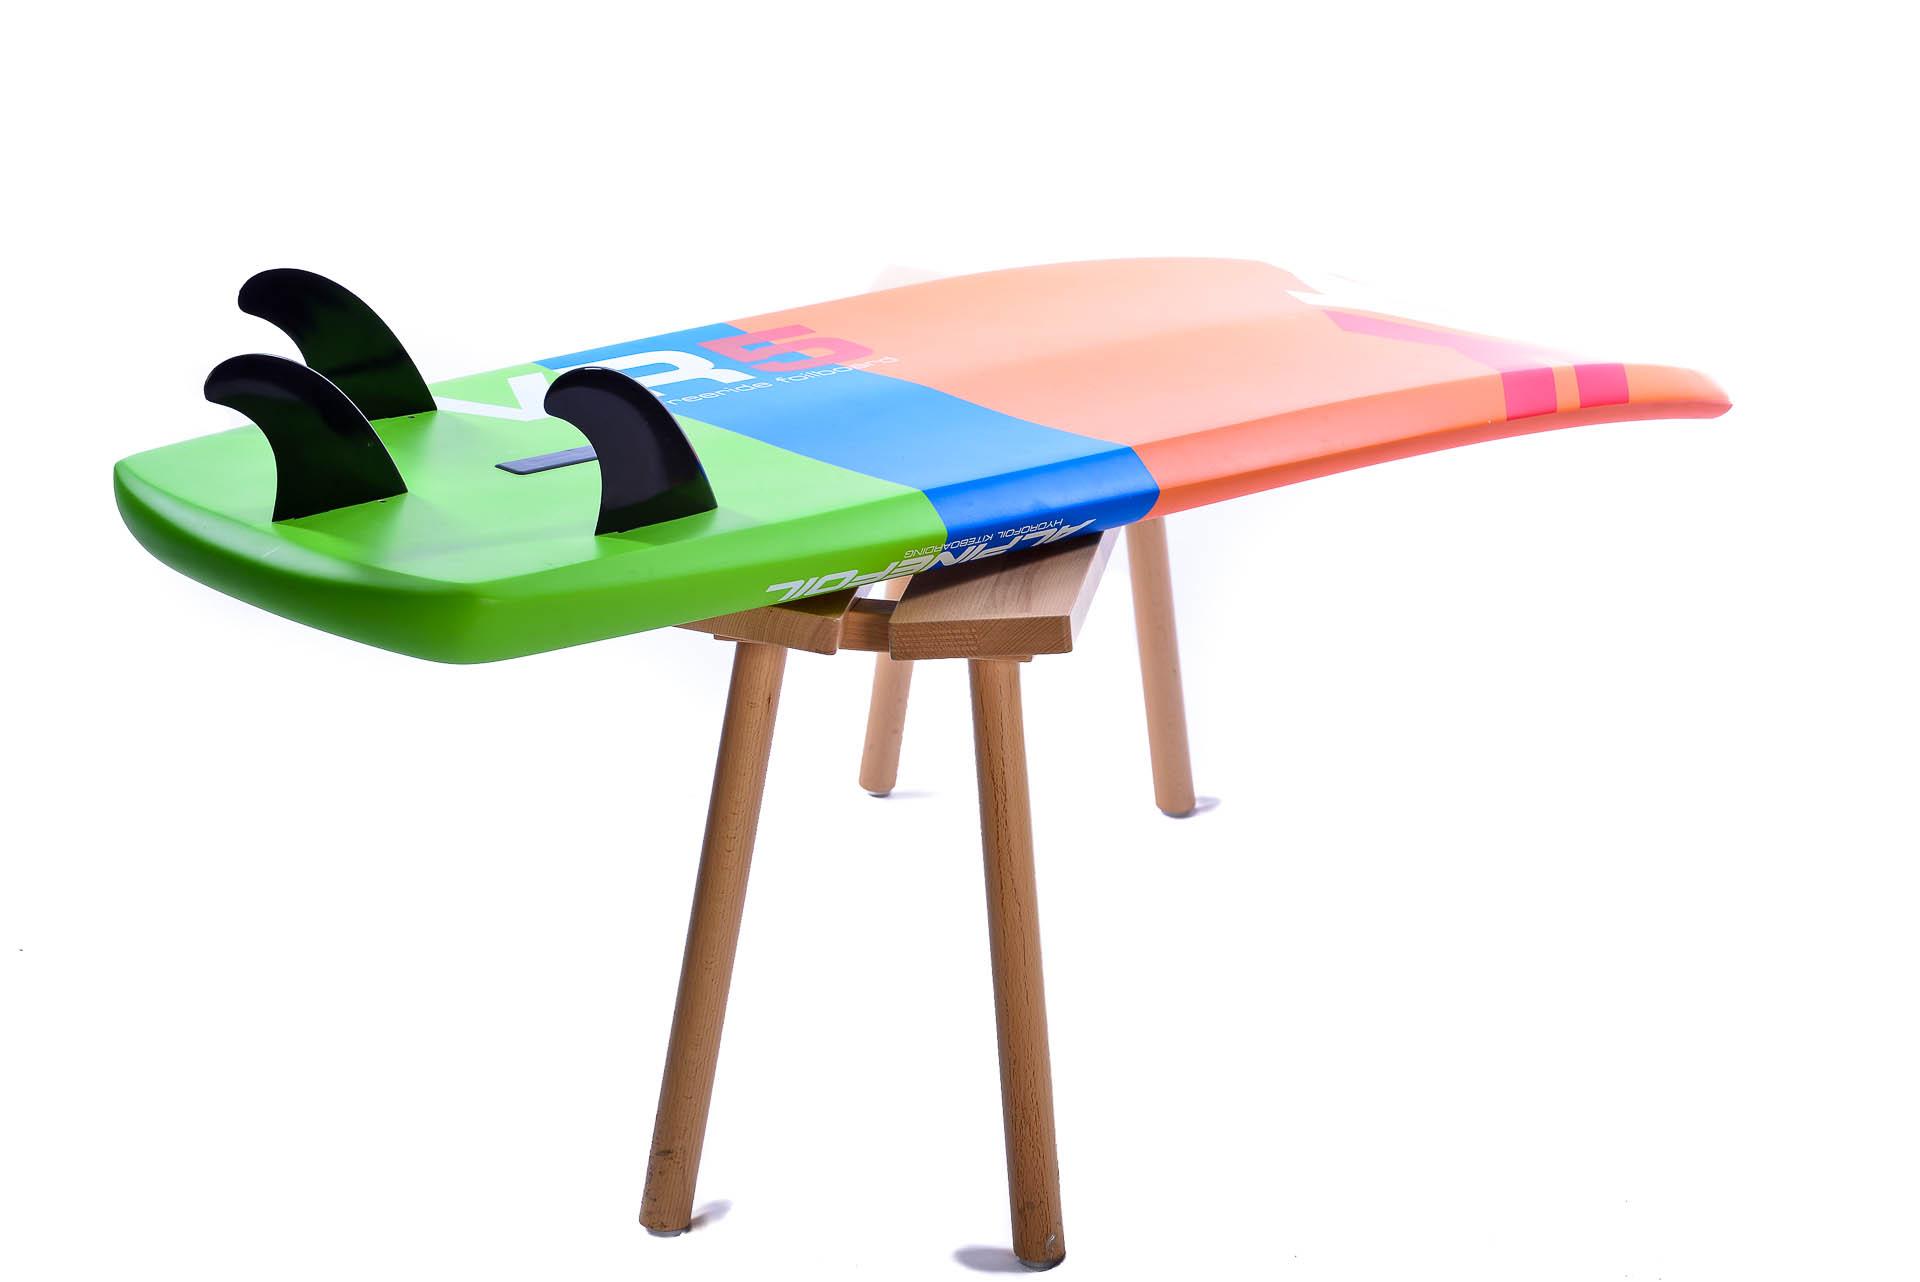 Kitefoil board alpinefoil 9436 2